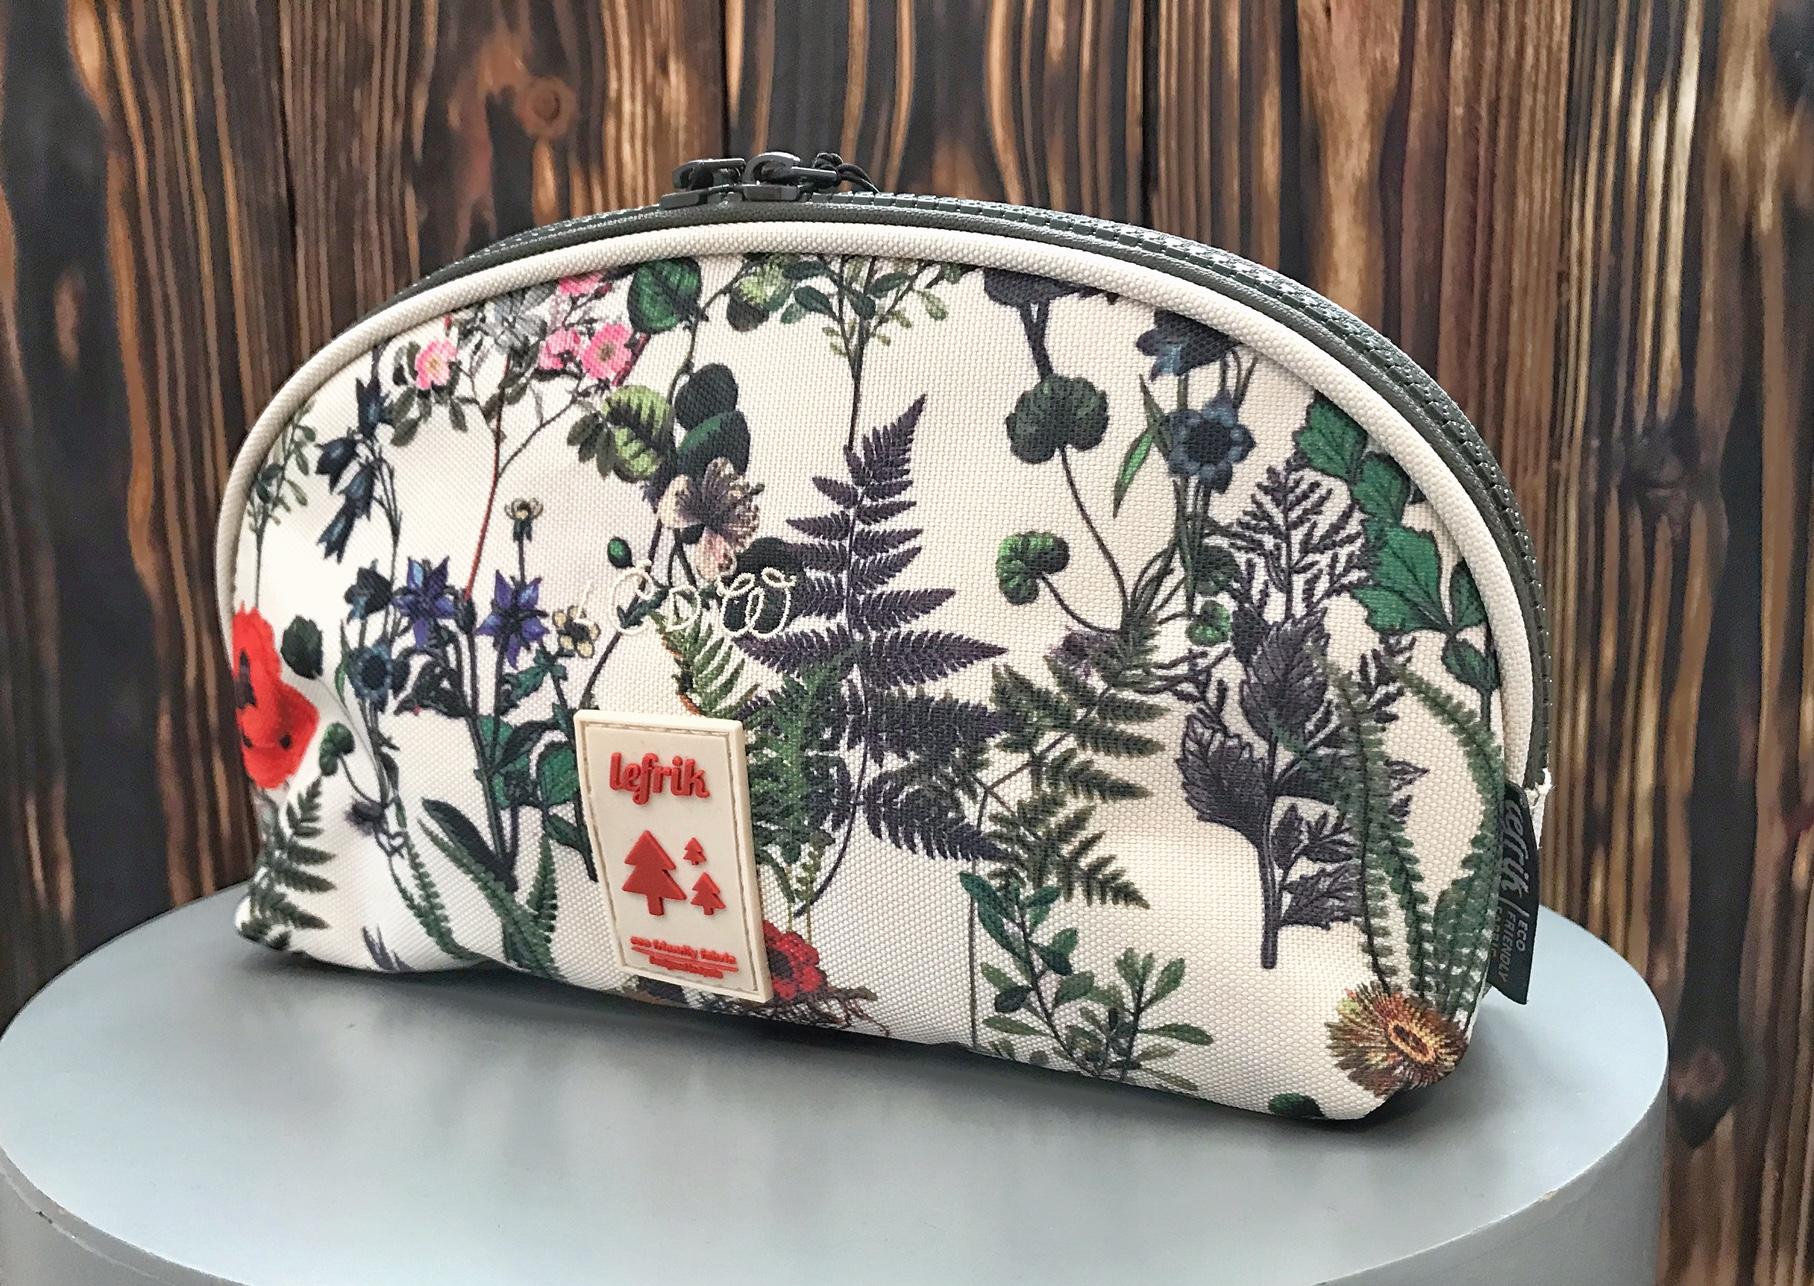 LEFRIK-MK-BOTANICAL-CASE-Make-up-Toilet-bag-Tasche-botanical-3